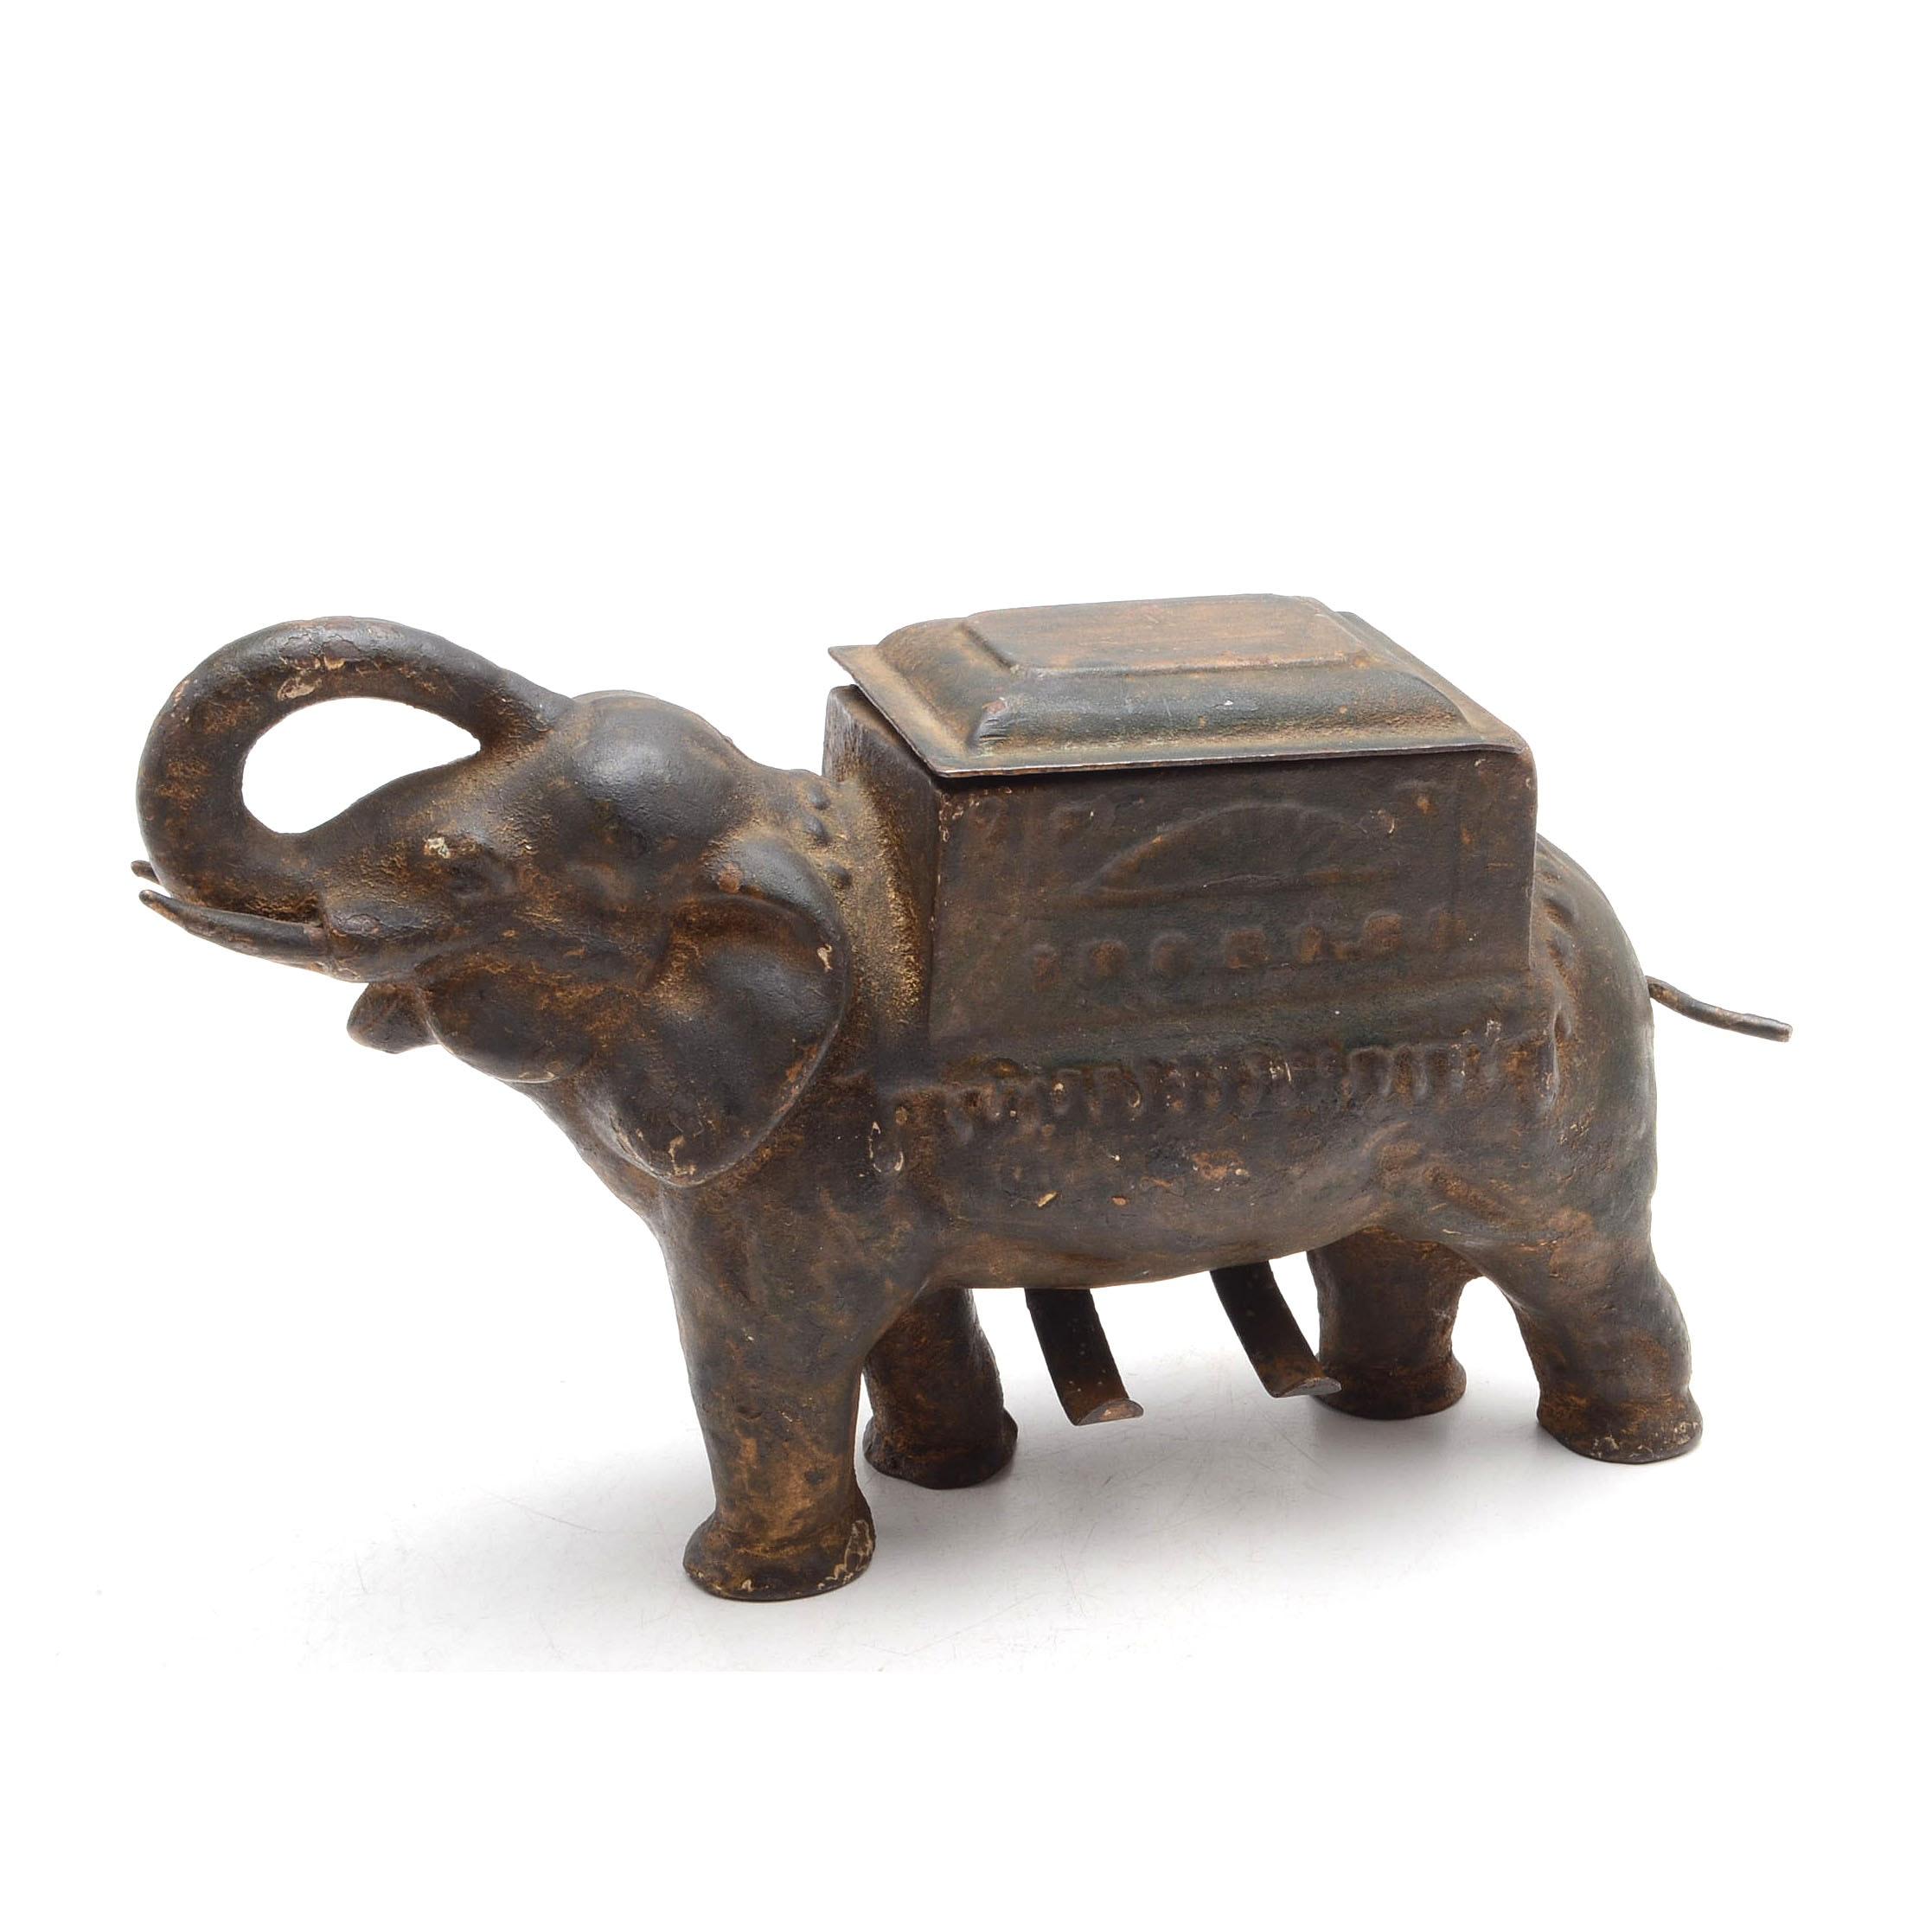 Antique Cast Iron Elephant Cigarette Dispenser